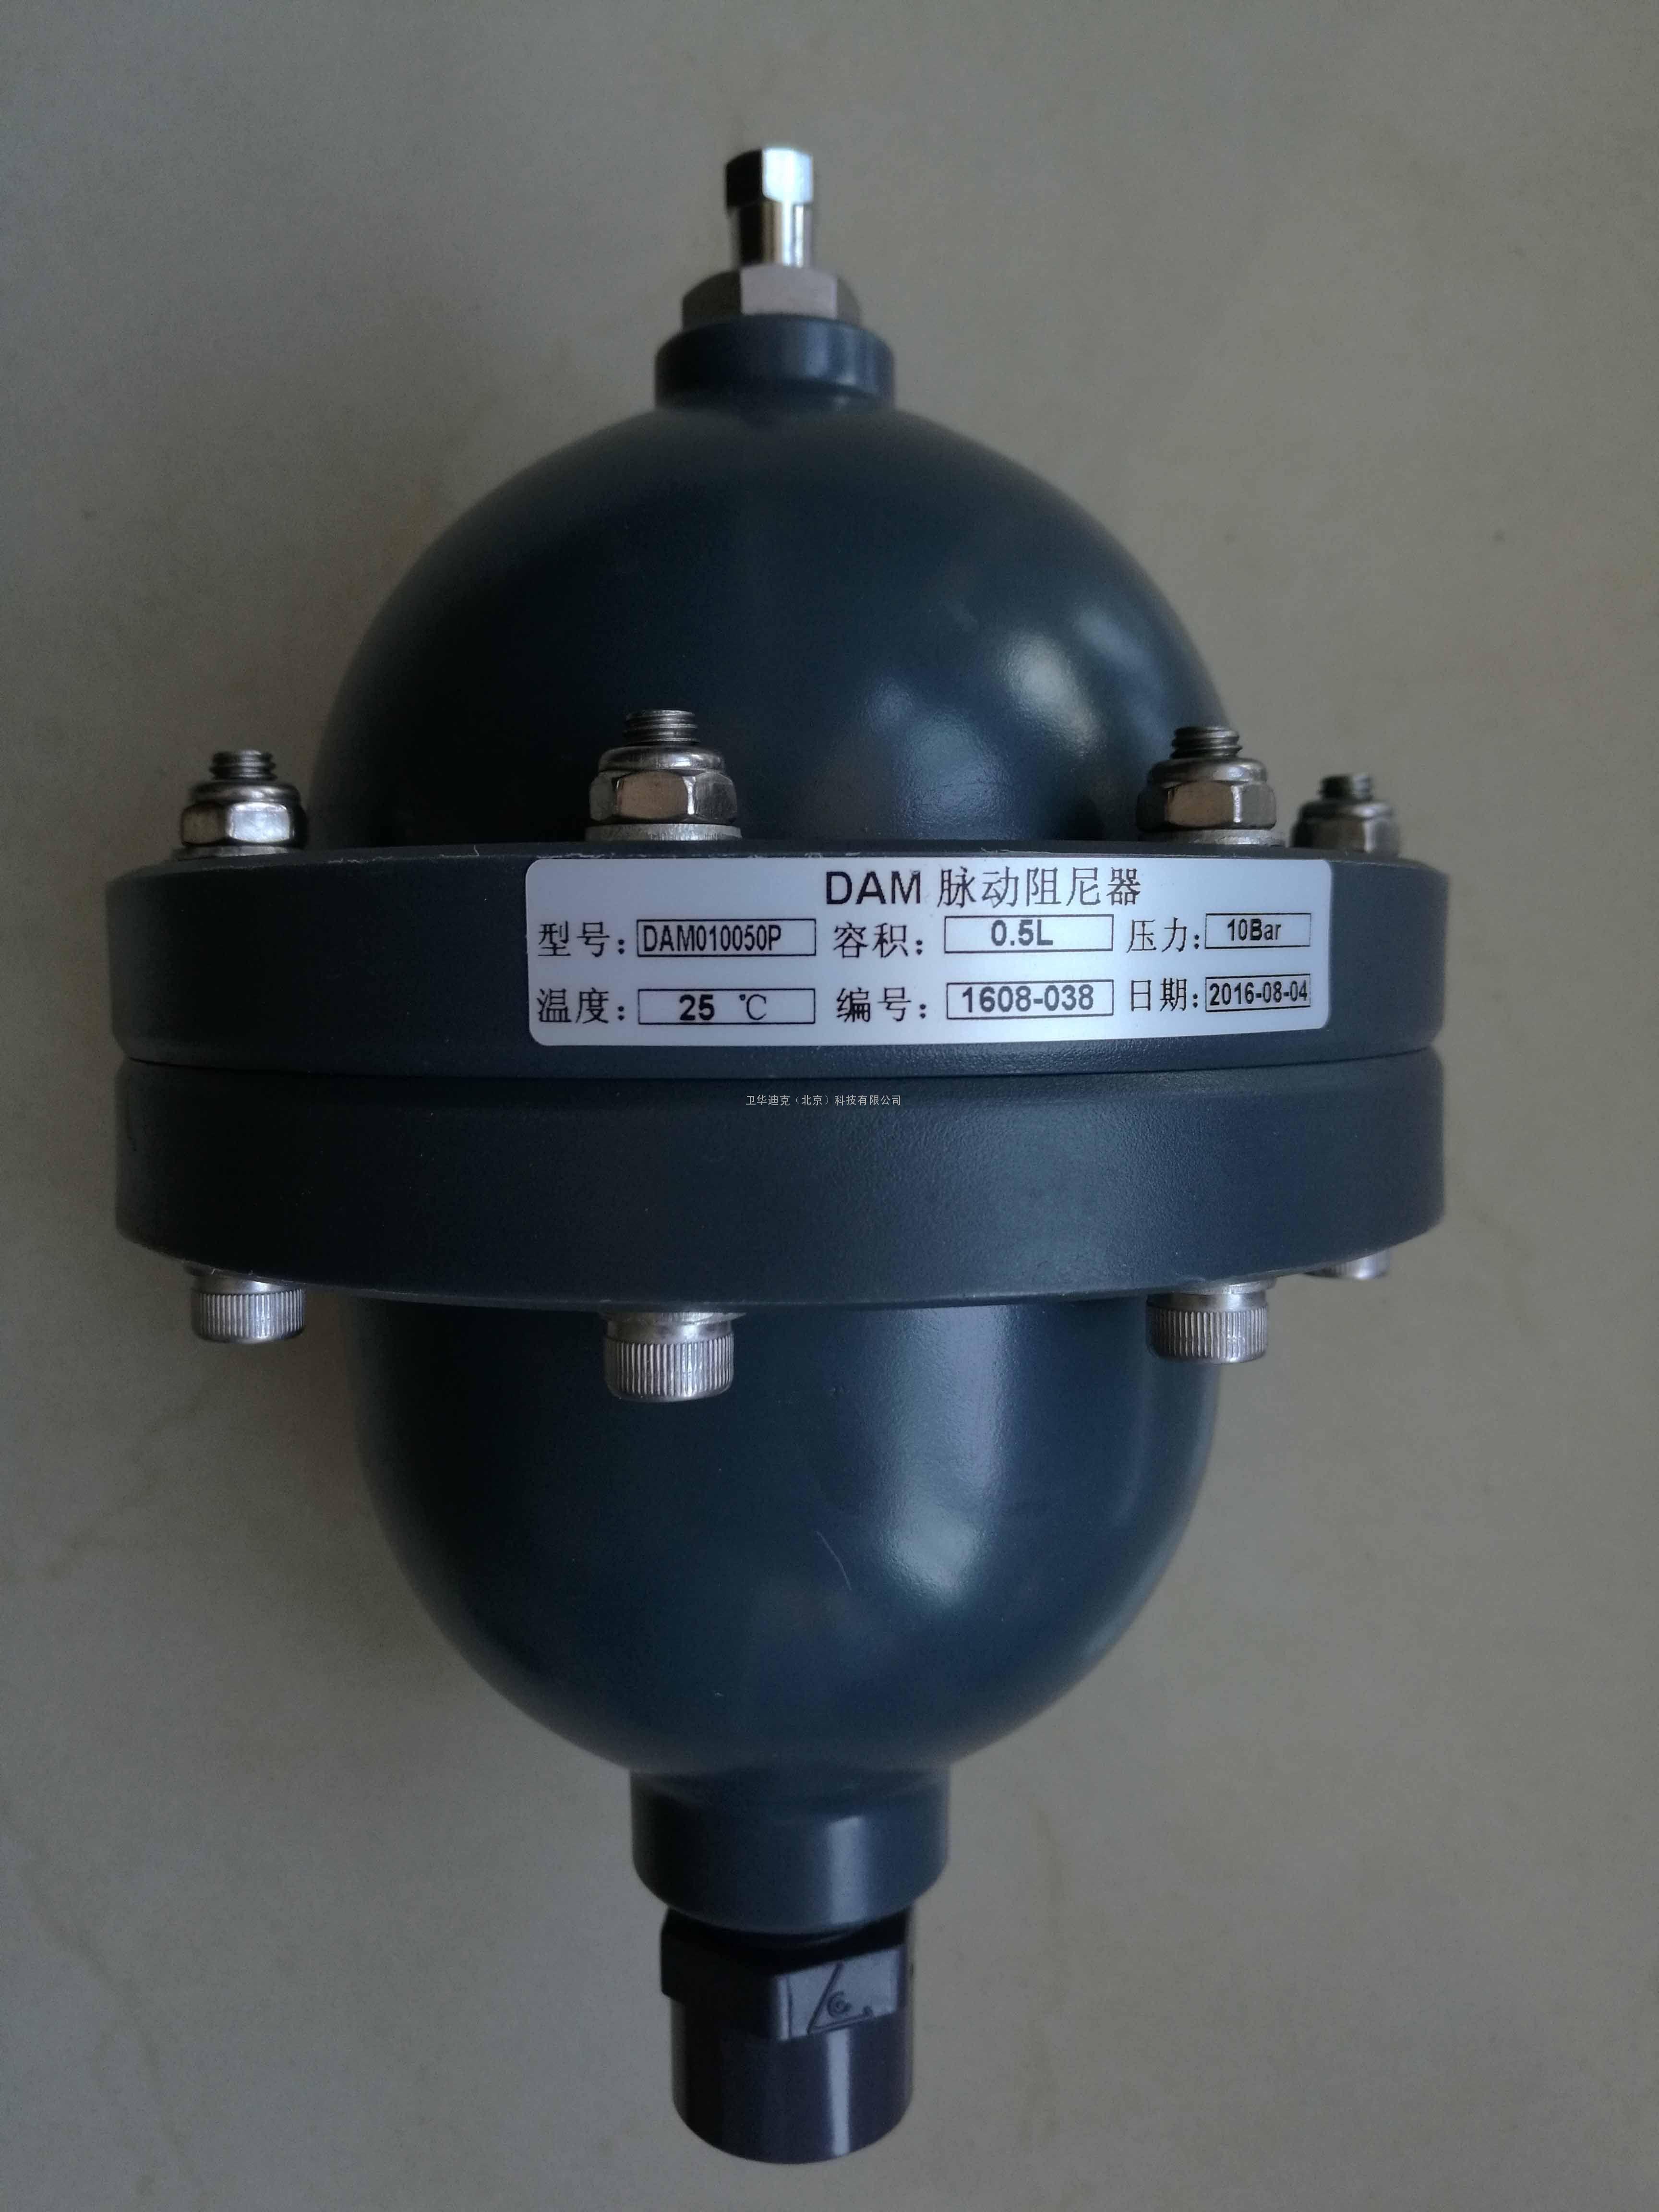 DAM系列脉动阻尼器(缓冲器)